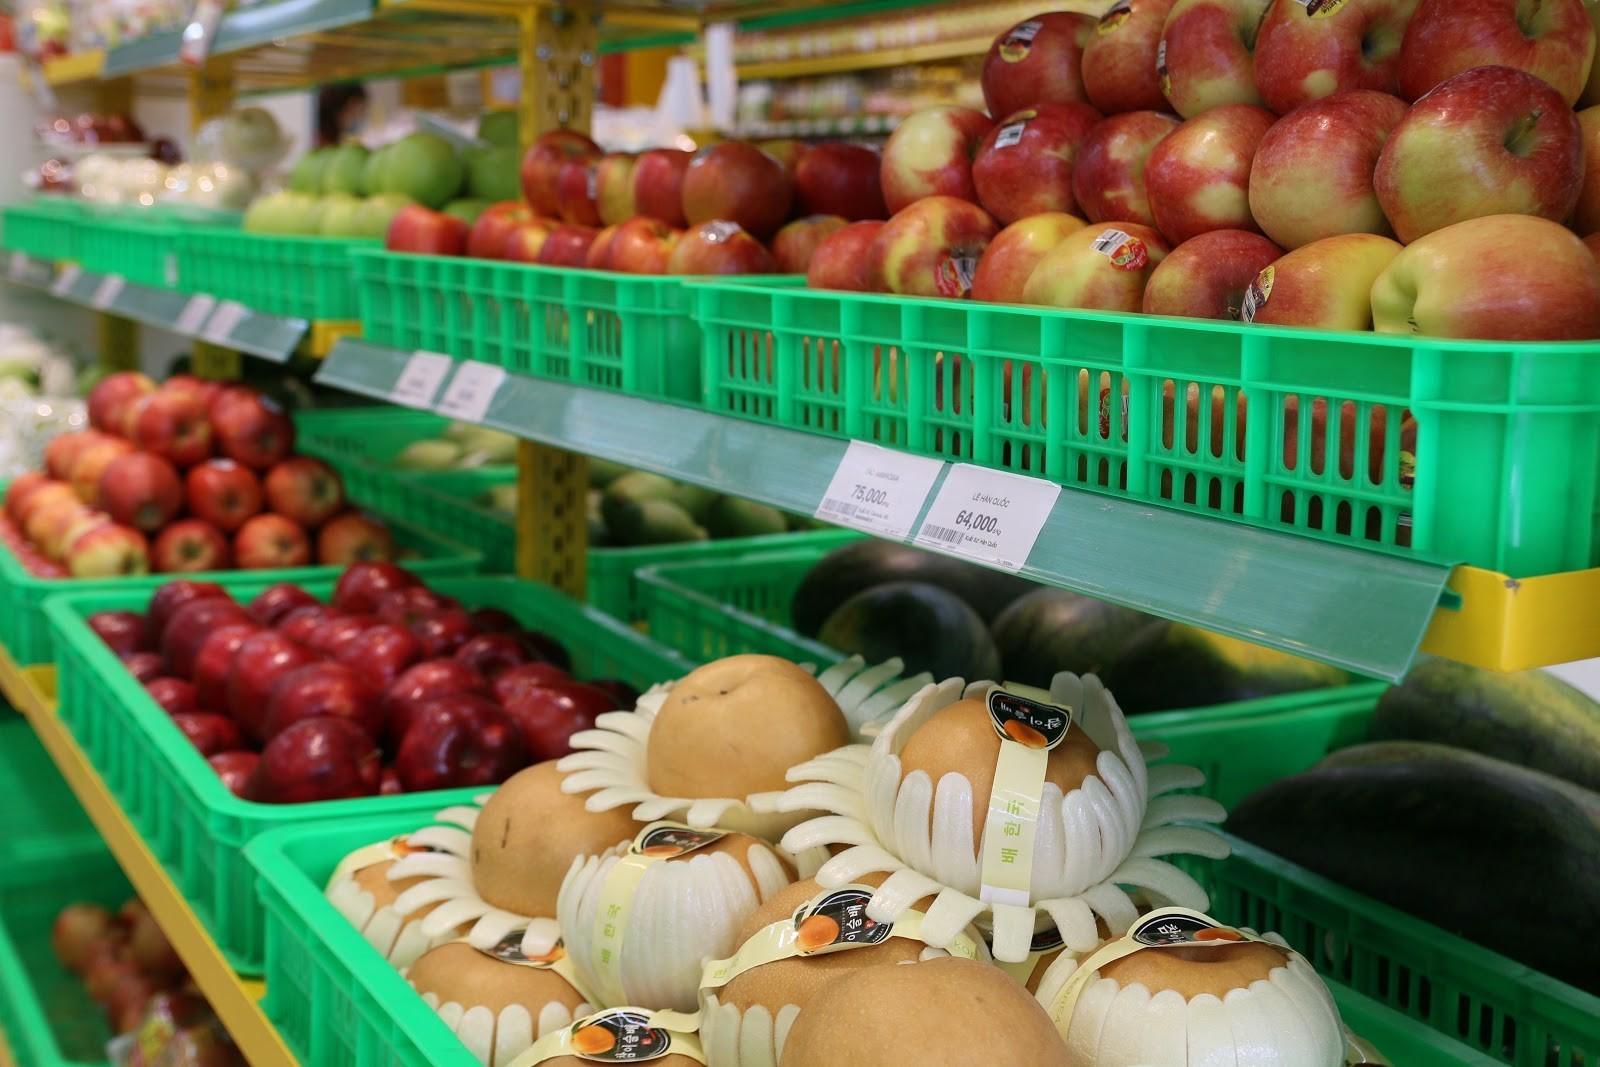 Chiến lược 'vàng' khiến Bách Hóa Xanh bán hàng ngàn tấn trái cây/tháng